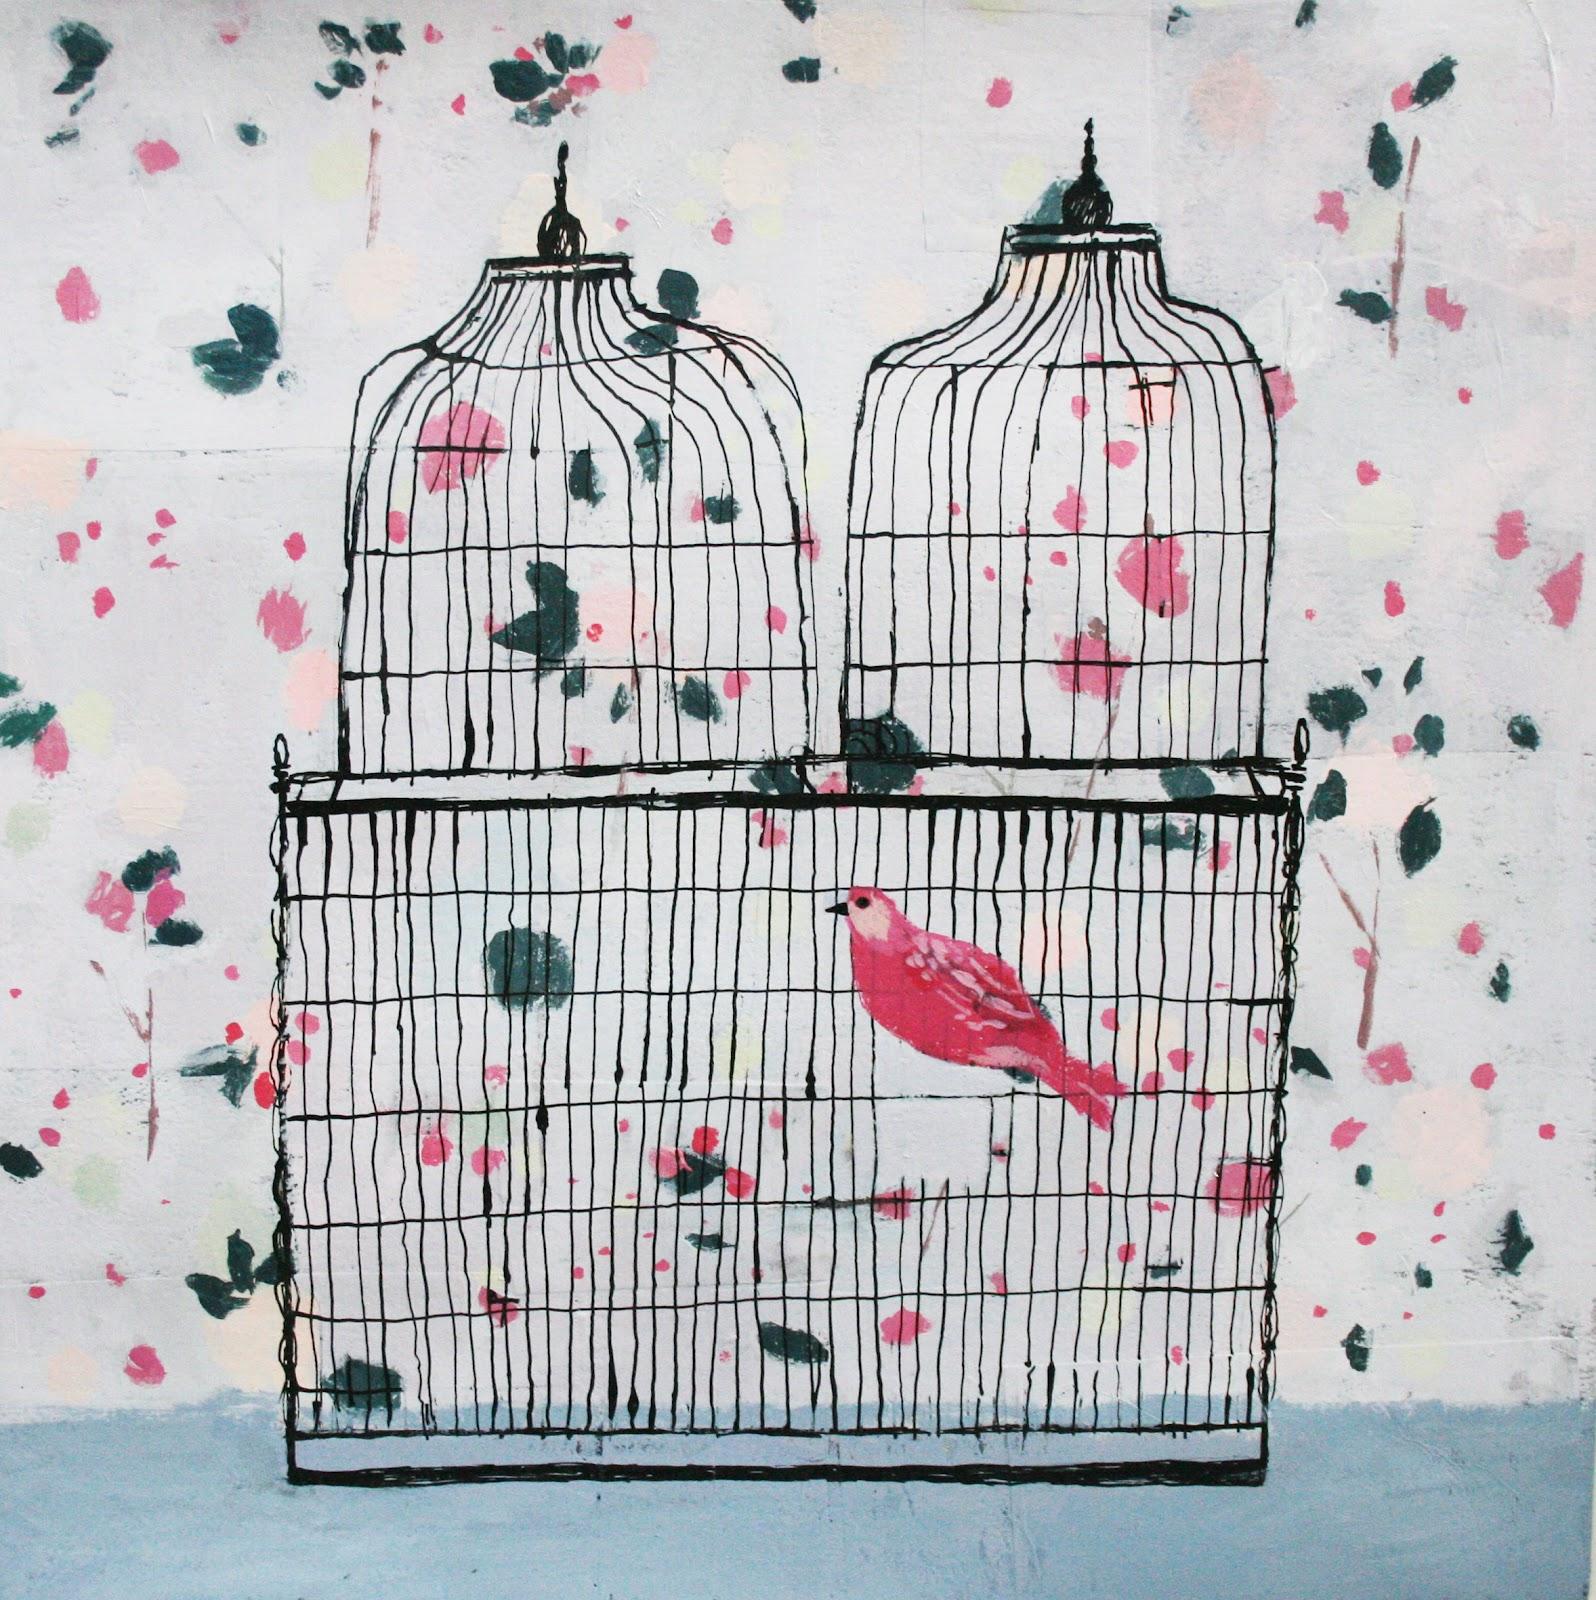 http://1.bp.blogspot.com/-edQB4qfuyZI/T1u-CWj8zLI/AAAAAAAAAEE/mTr1josbb6M/s1600/Rose+Wallpaper,+mixed+media+on+paer,+59+x+59+cm,+%C2%A3600.jpg